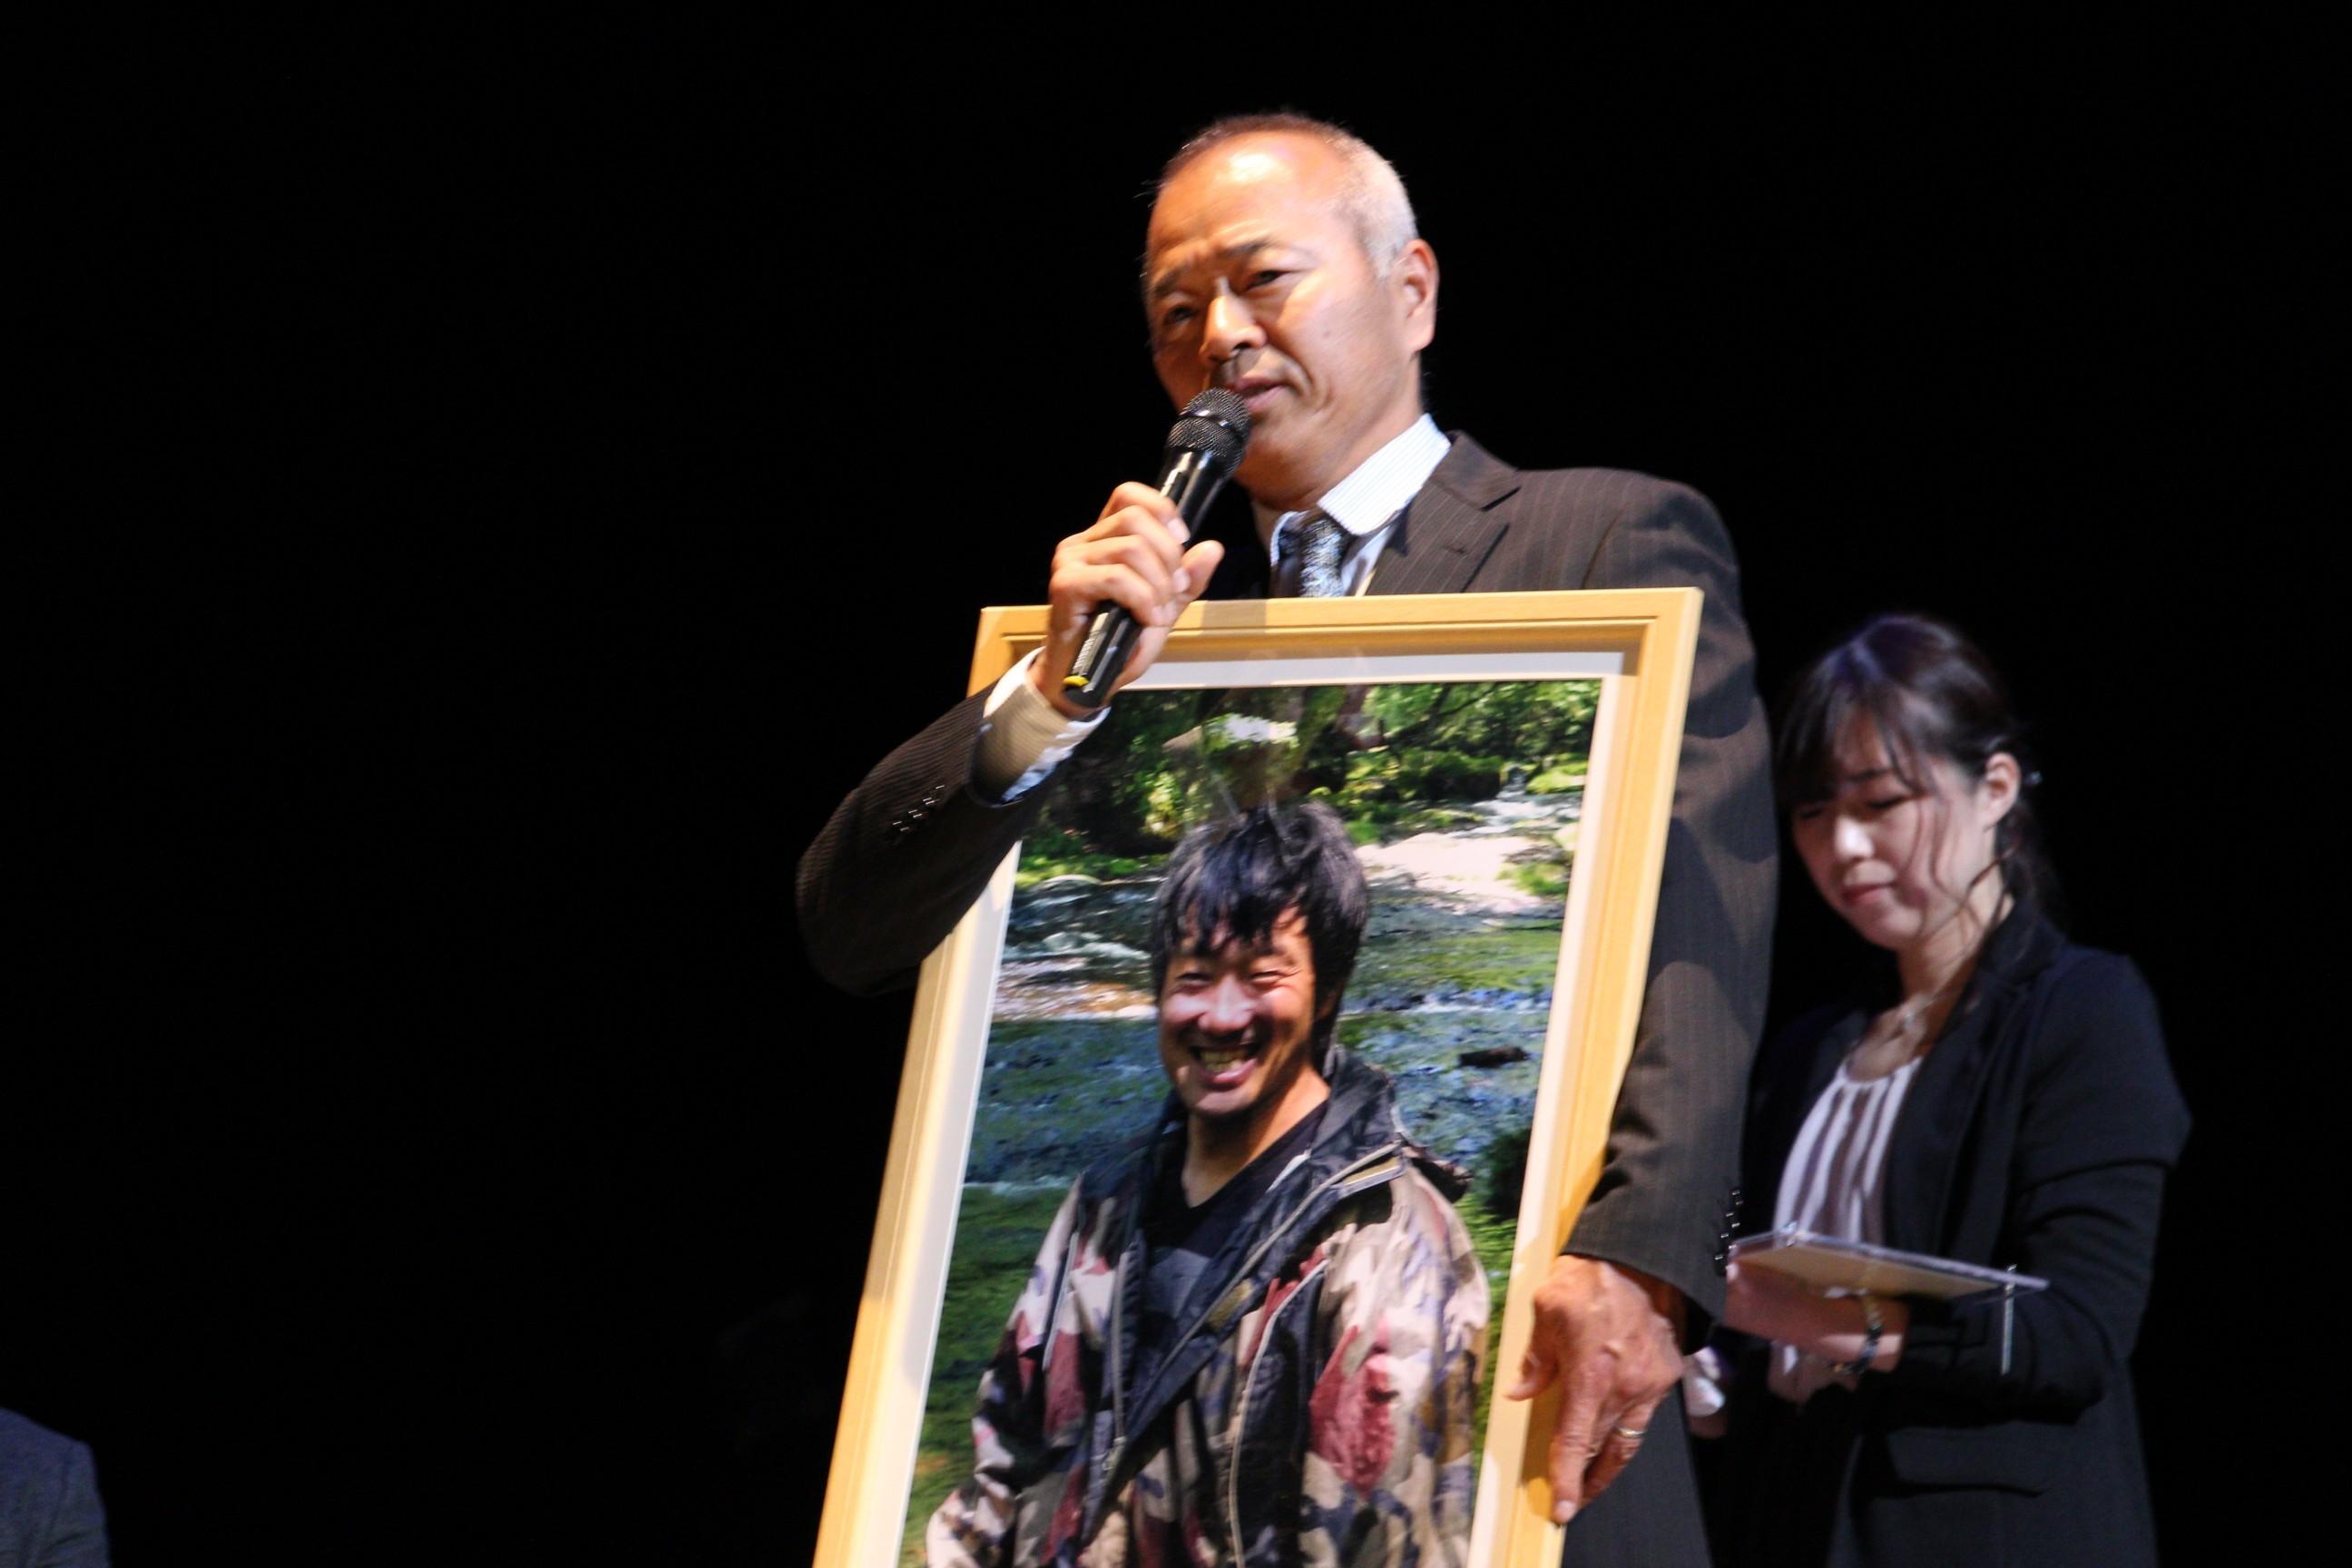 左から、舟山弘一さんの写真を掲げる辻井啓伺氏、舟山さんの妻・めぐみさん